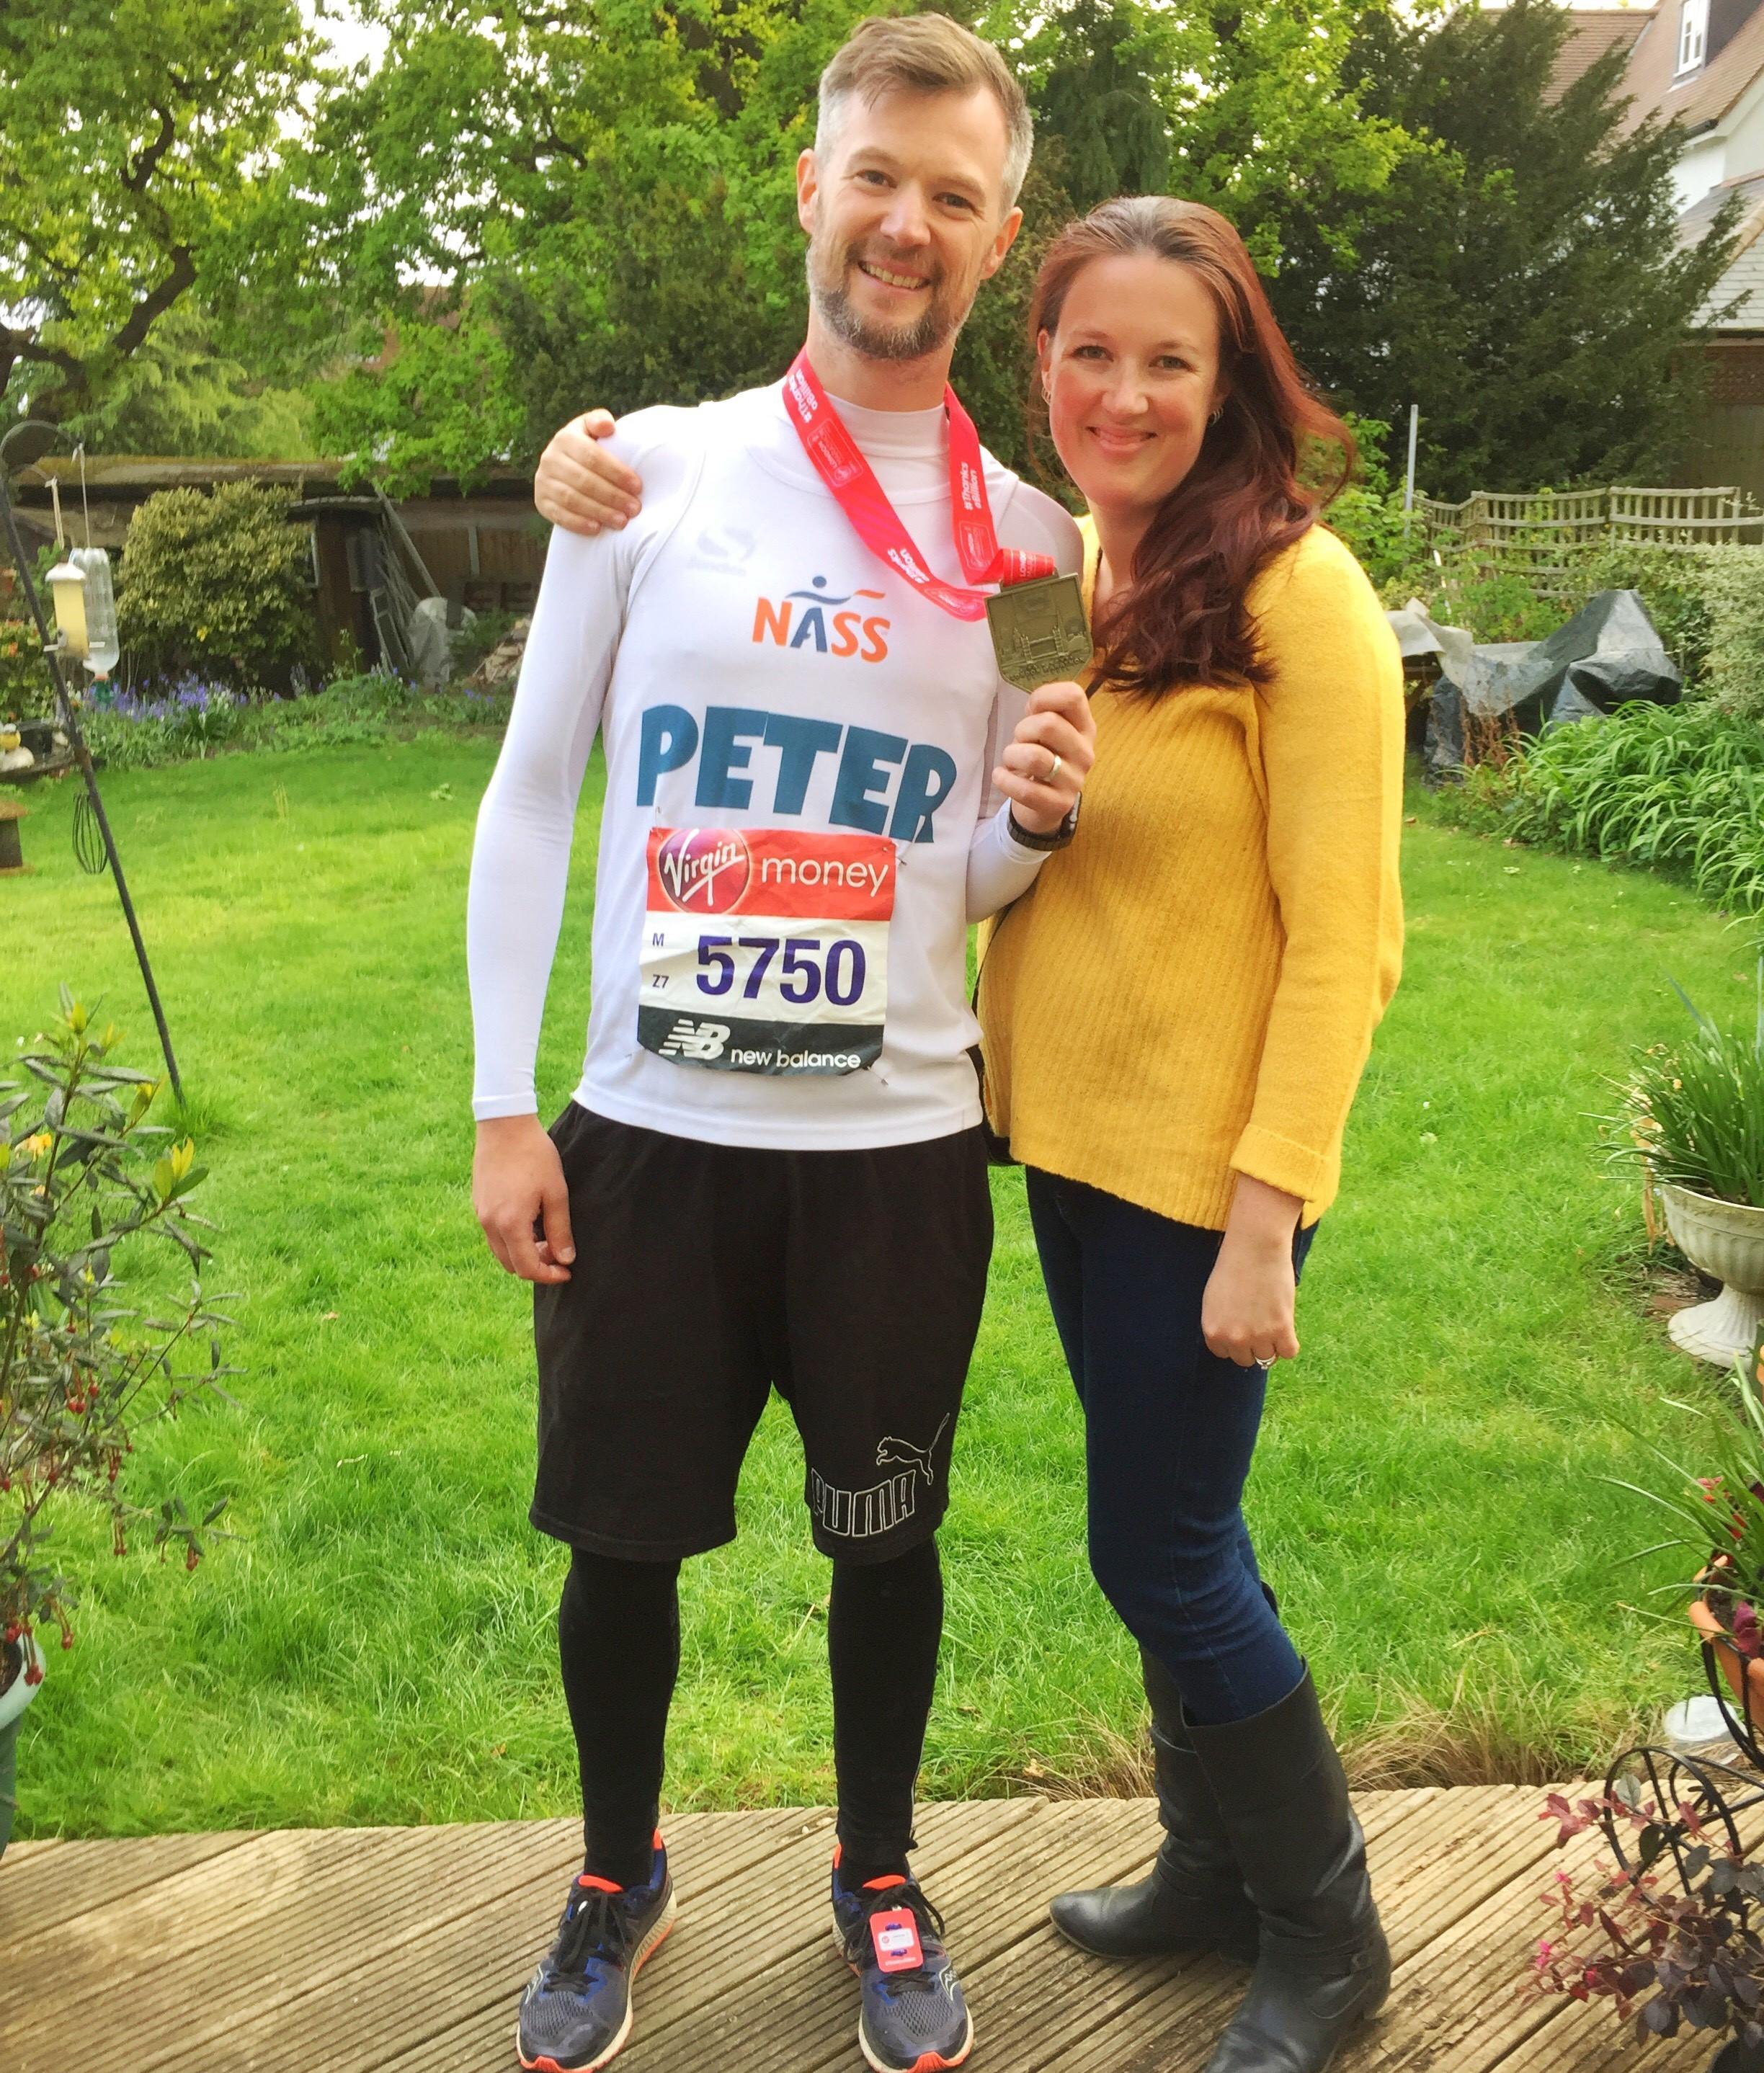 run london marathon for nass